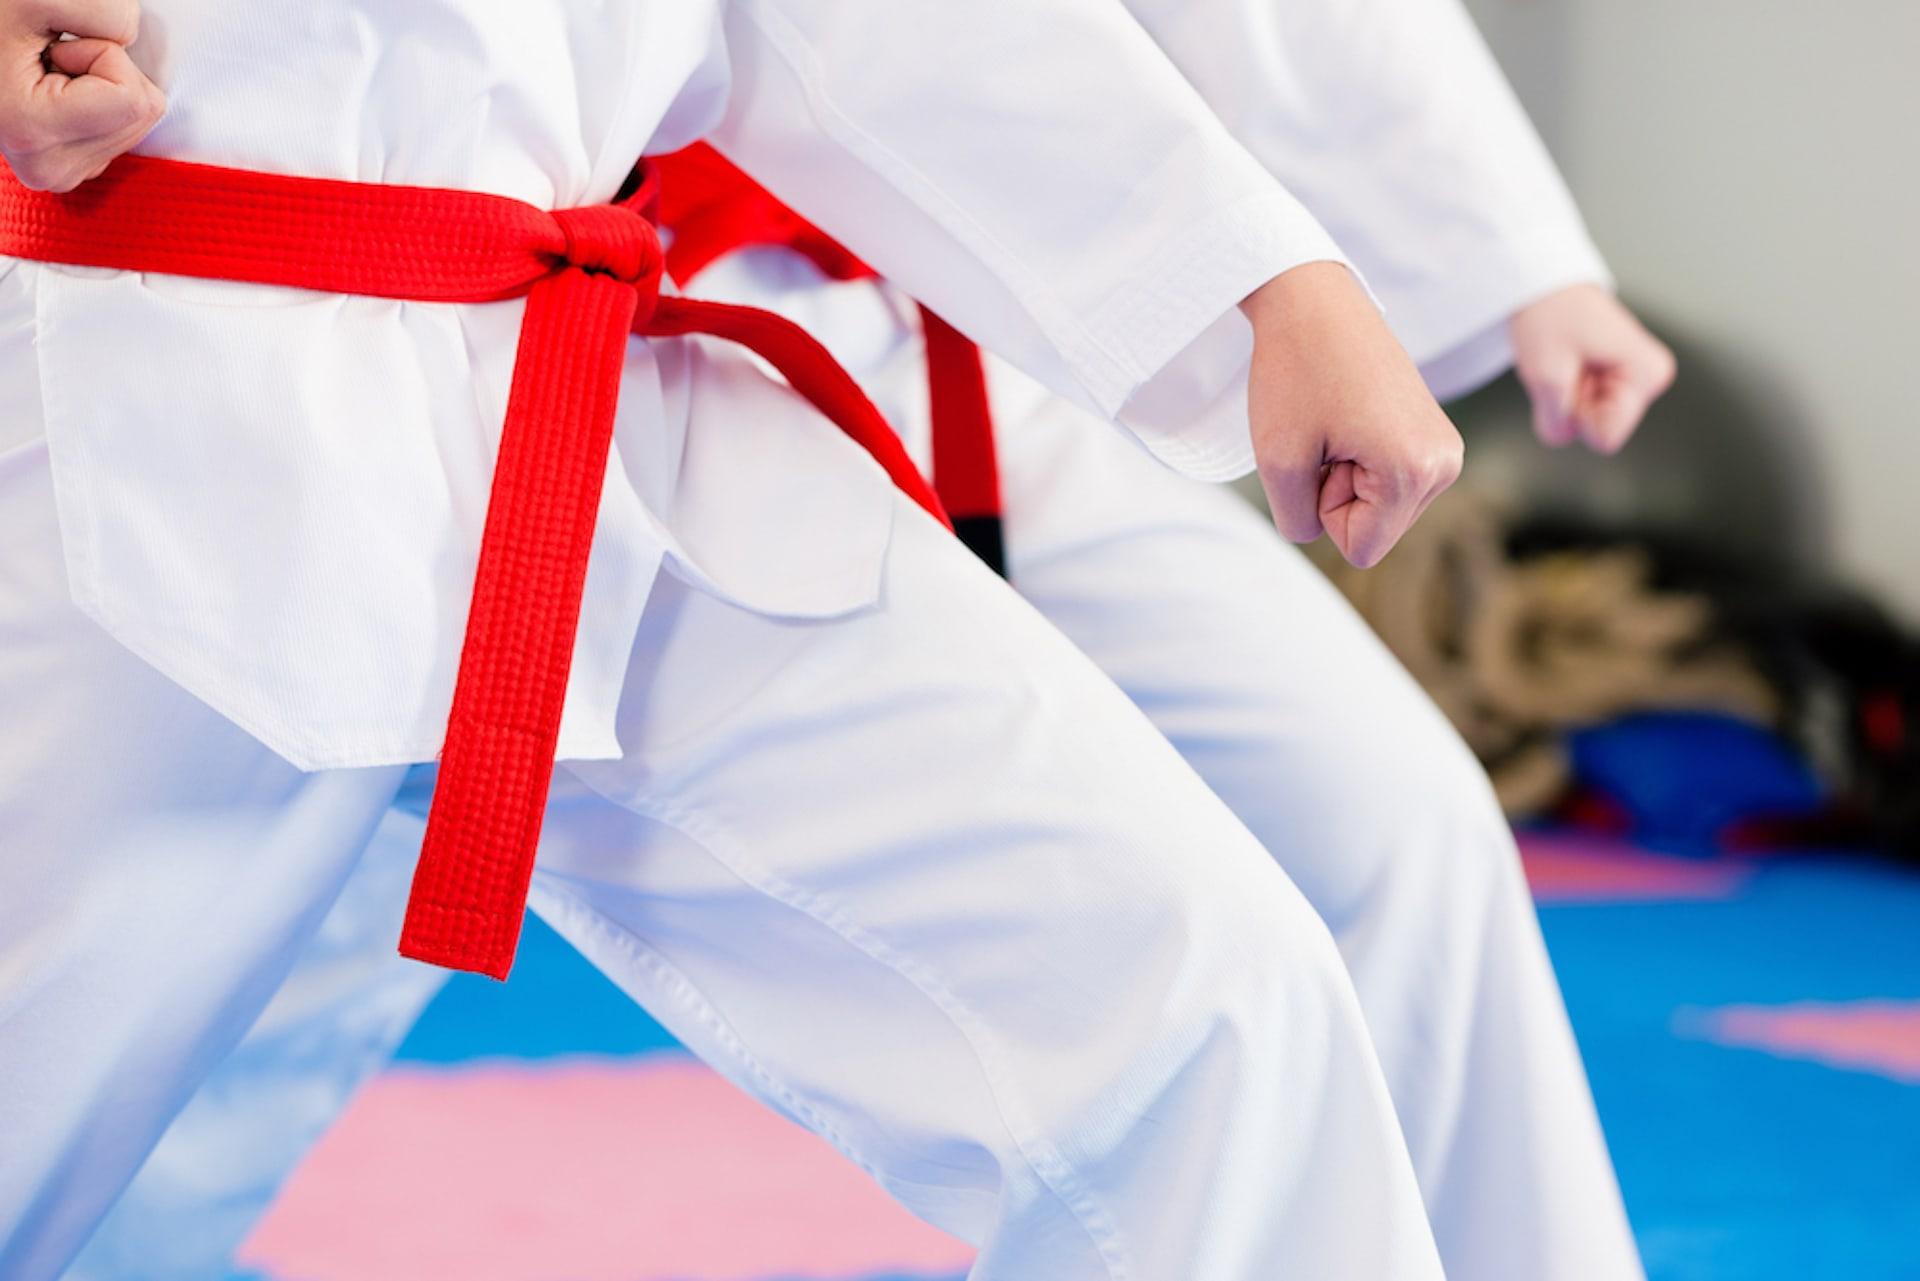 The Premier Martial Arts & Athletics Facility in Goldsboro